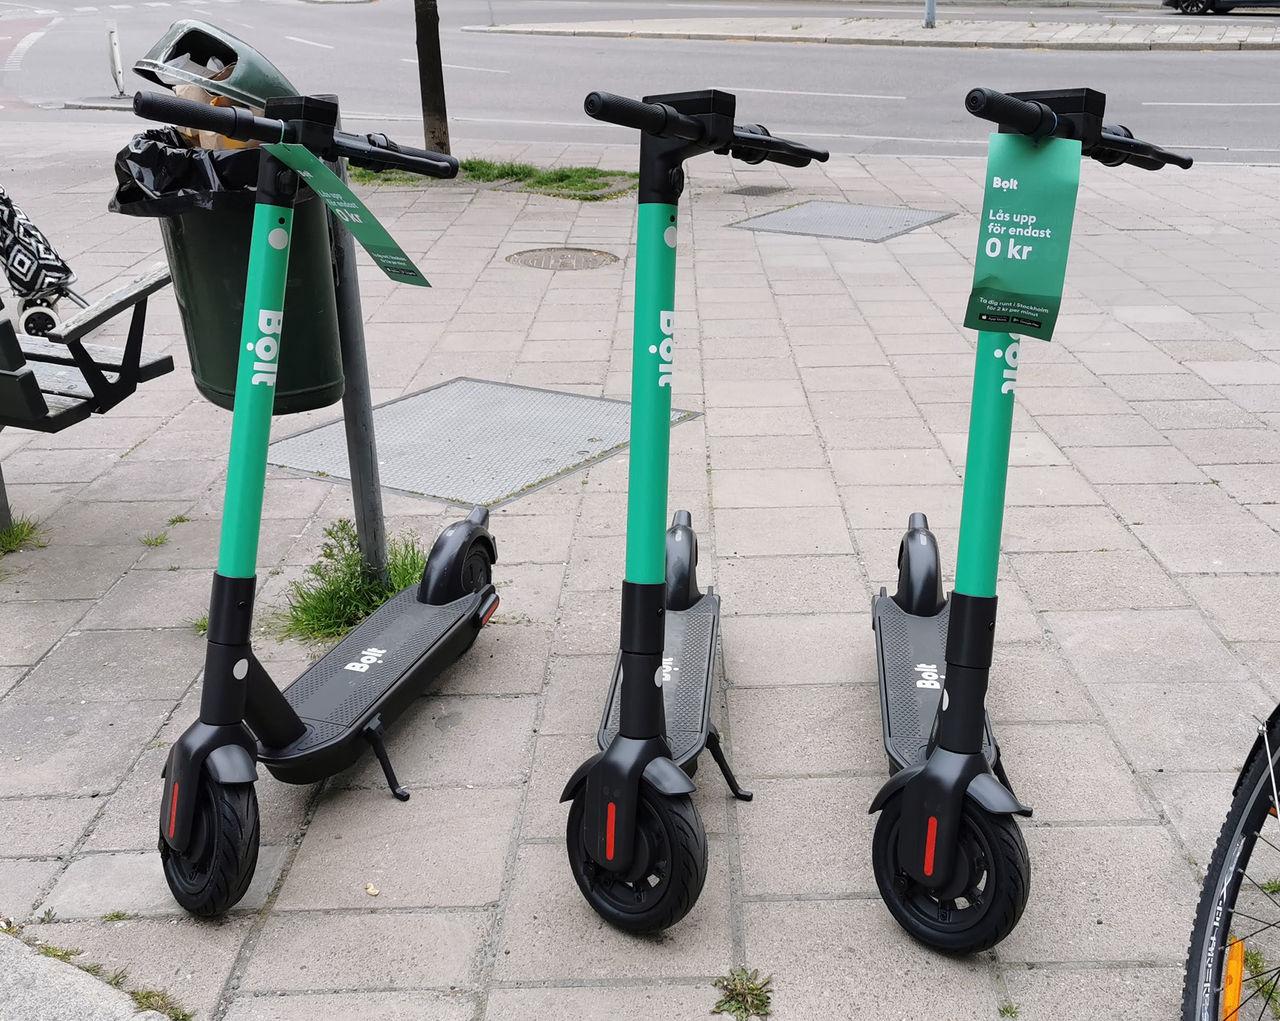 Nu kommer Bolts elsparkcyklar även till Göteborg Det rullar på